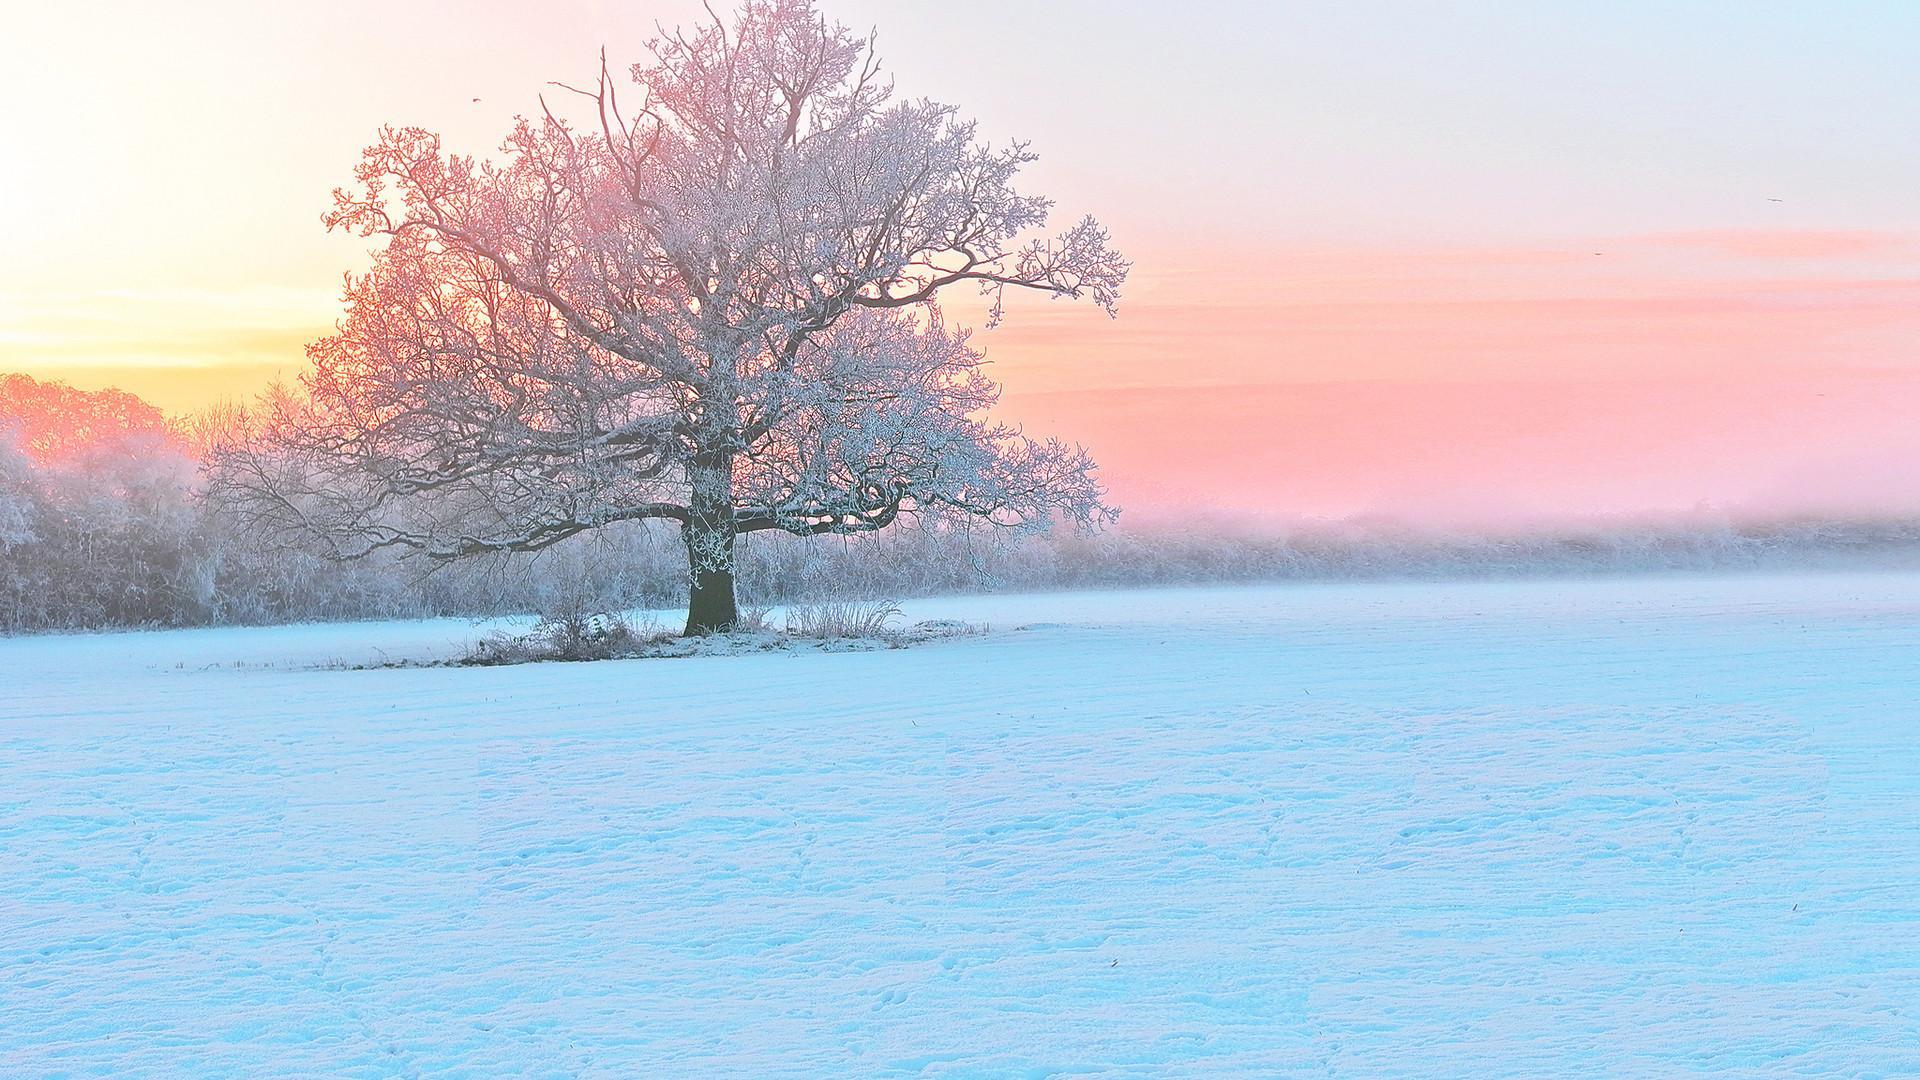 雪景壁纸 精选好看的自然风景冬天雪景高清电脑桌面壁纸下载5p